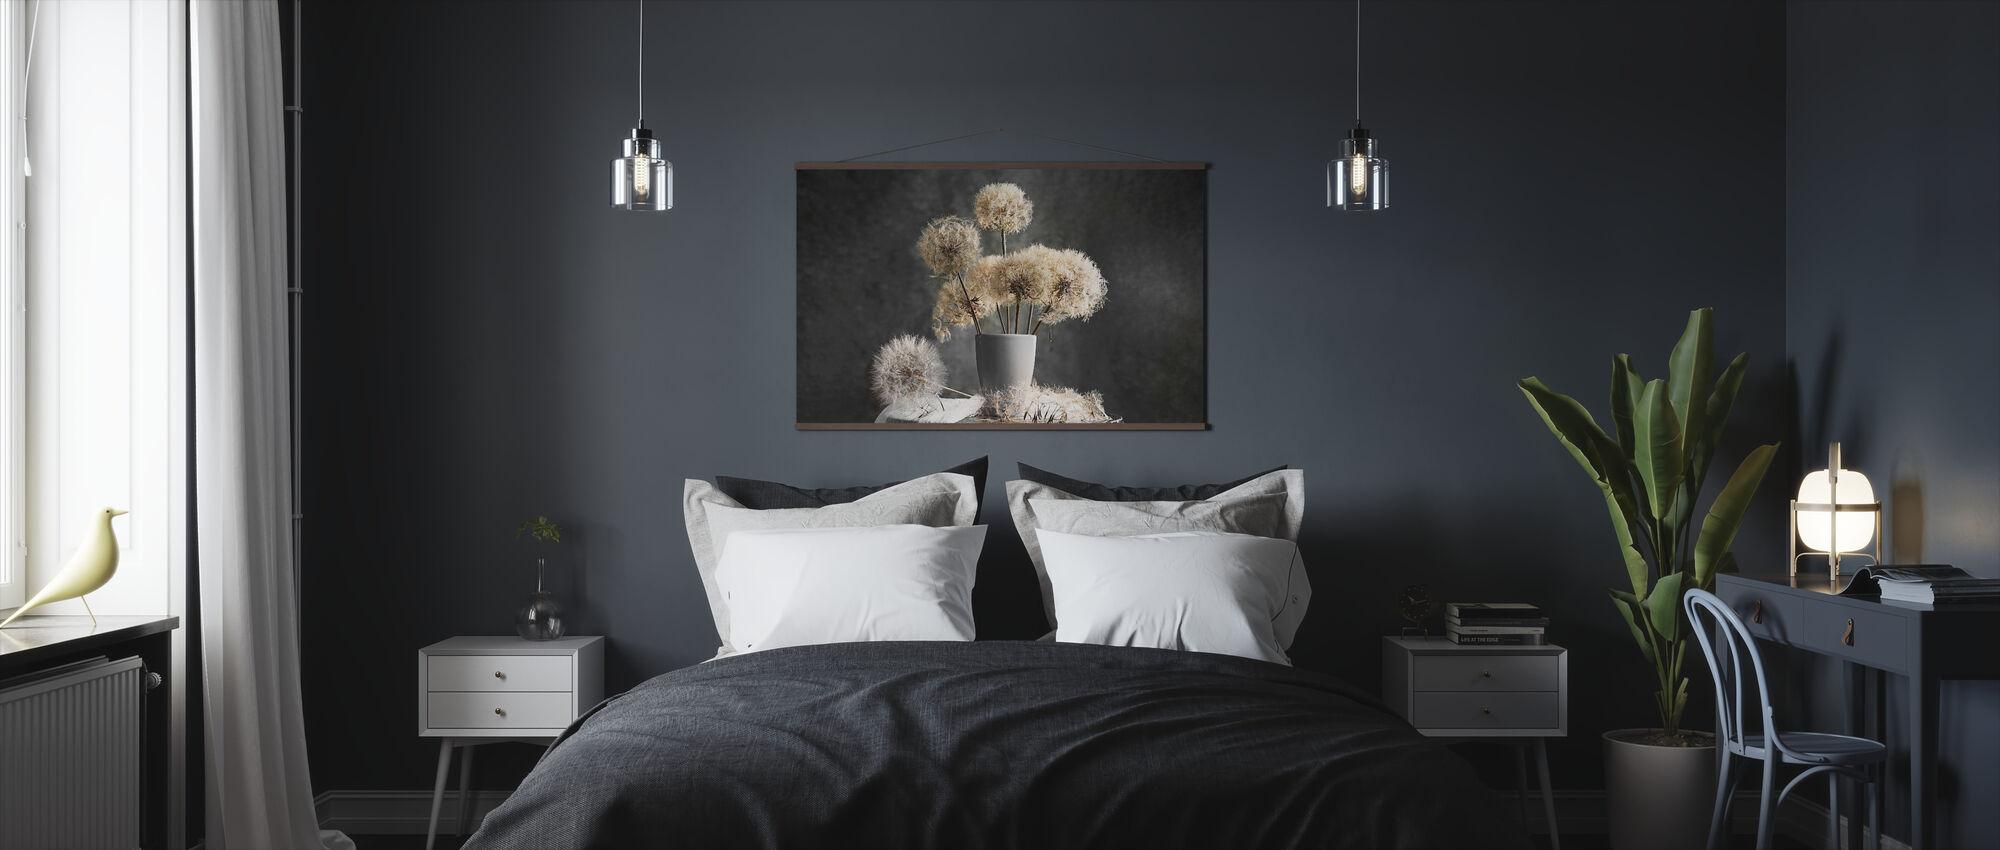 Löwenzahn Samenkapsel - Poster - Schlafzimmer